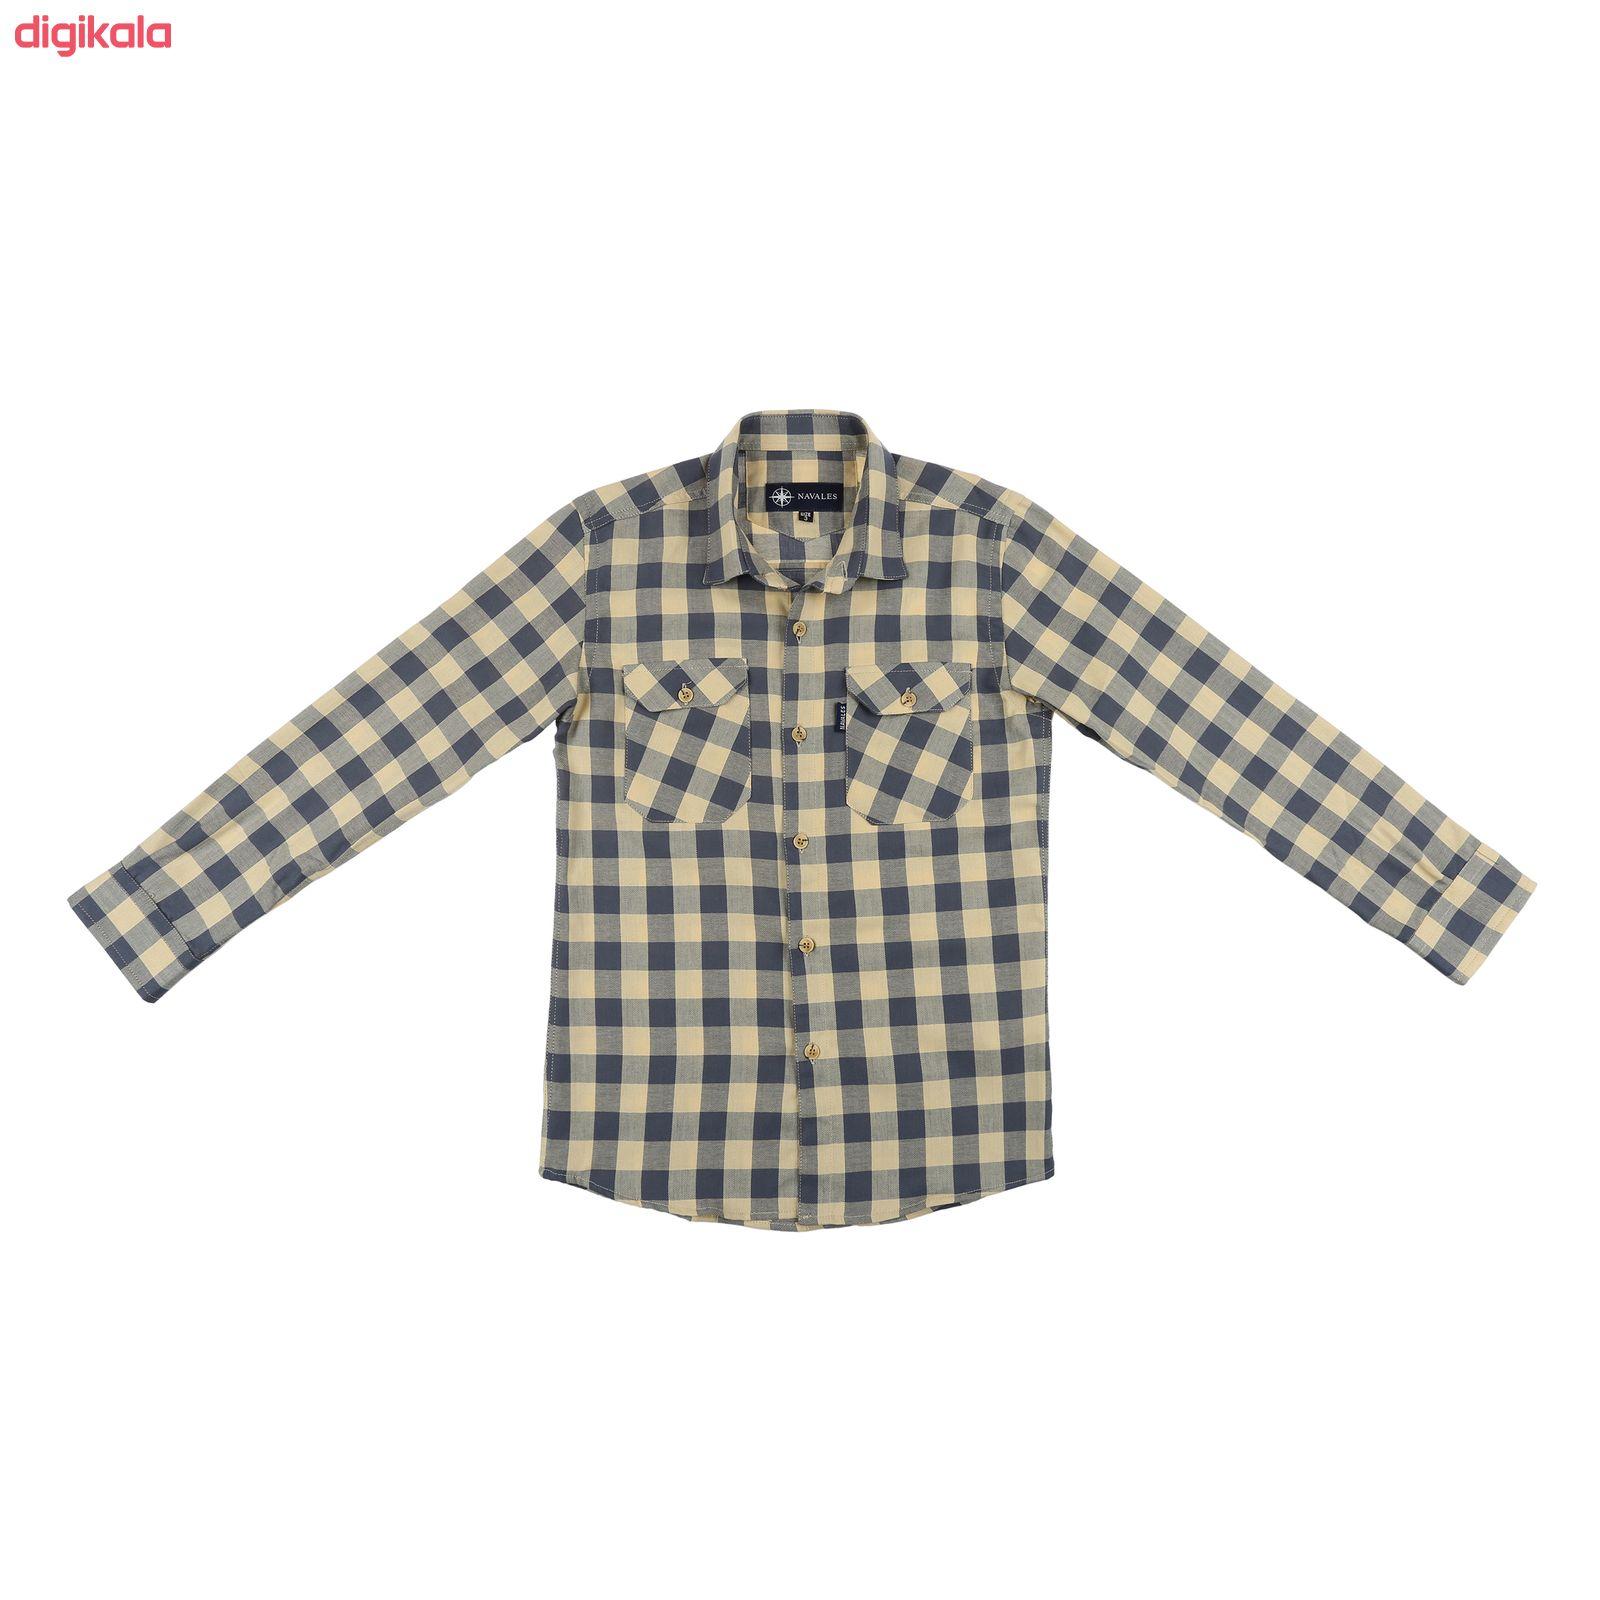 پیراهن پسرانه ناوالس کد D-20119-YLGY main 1 1